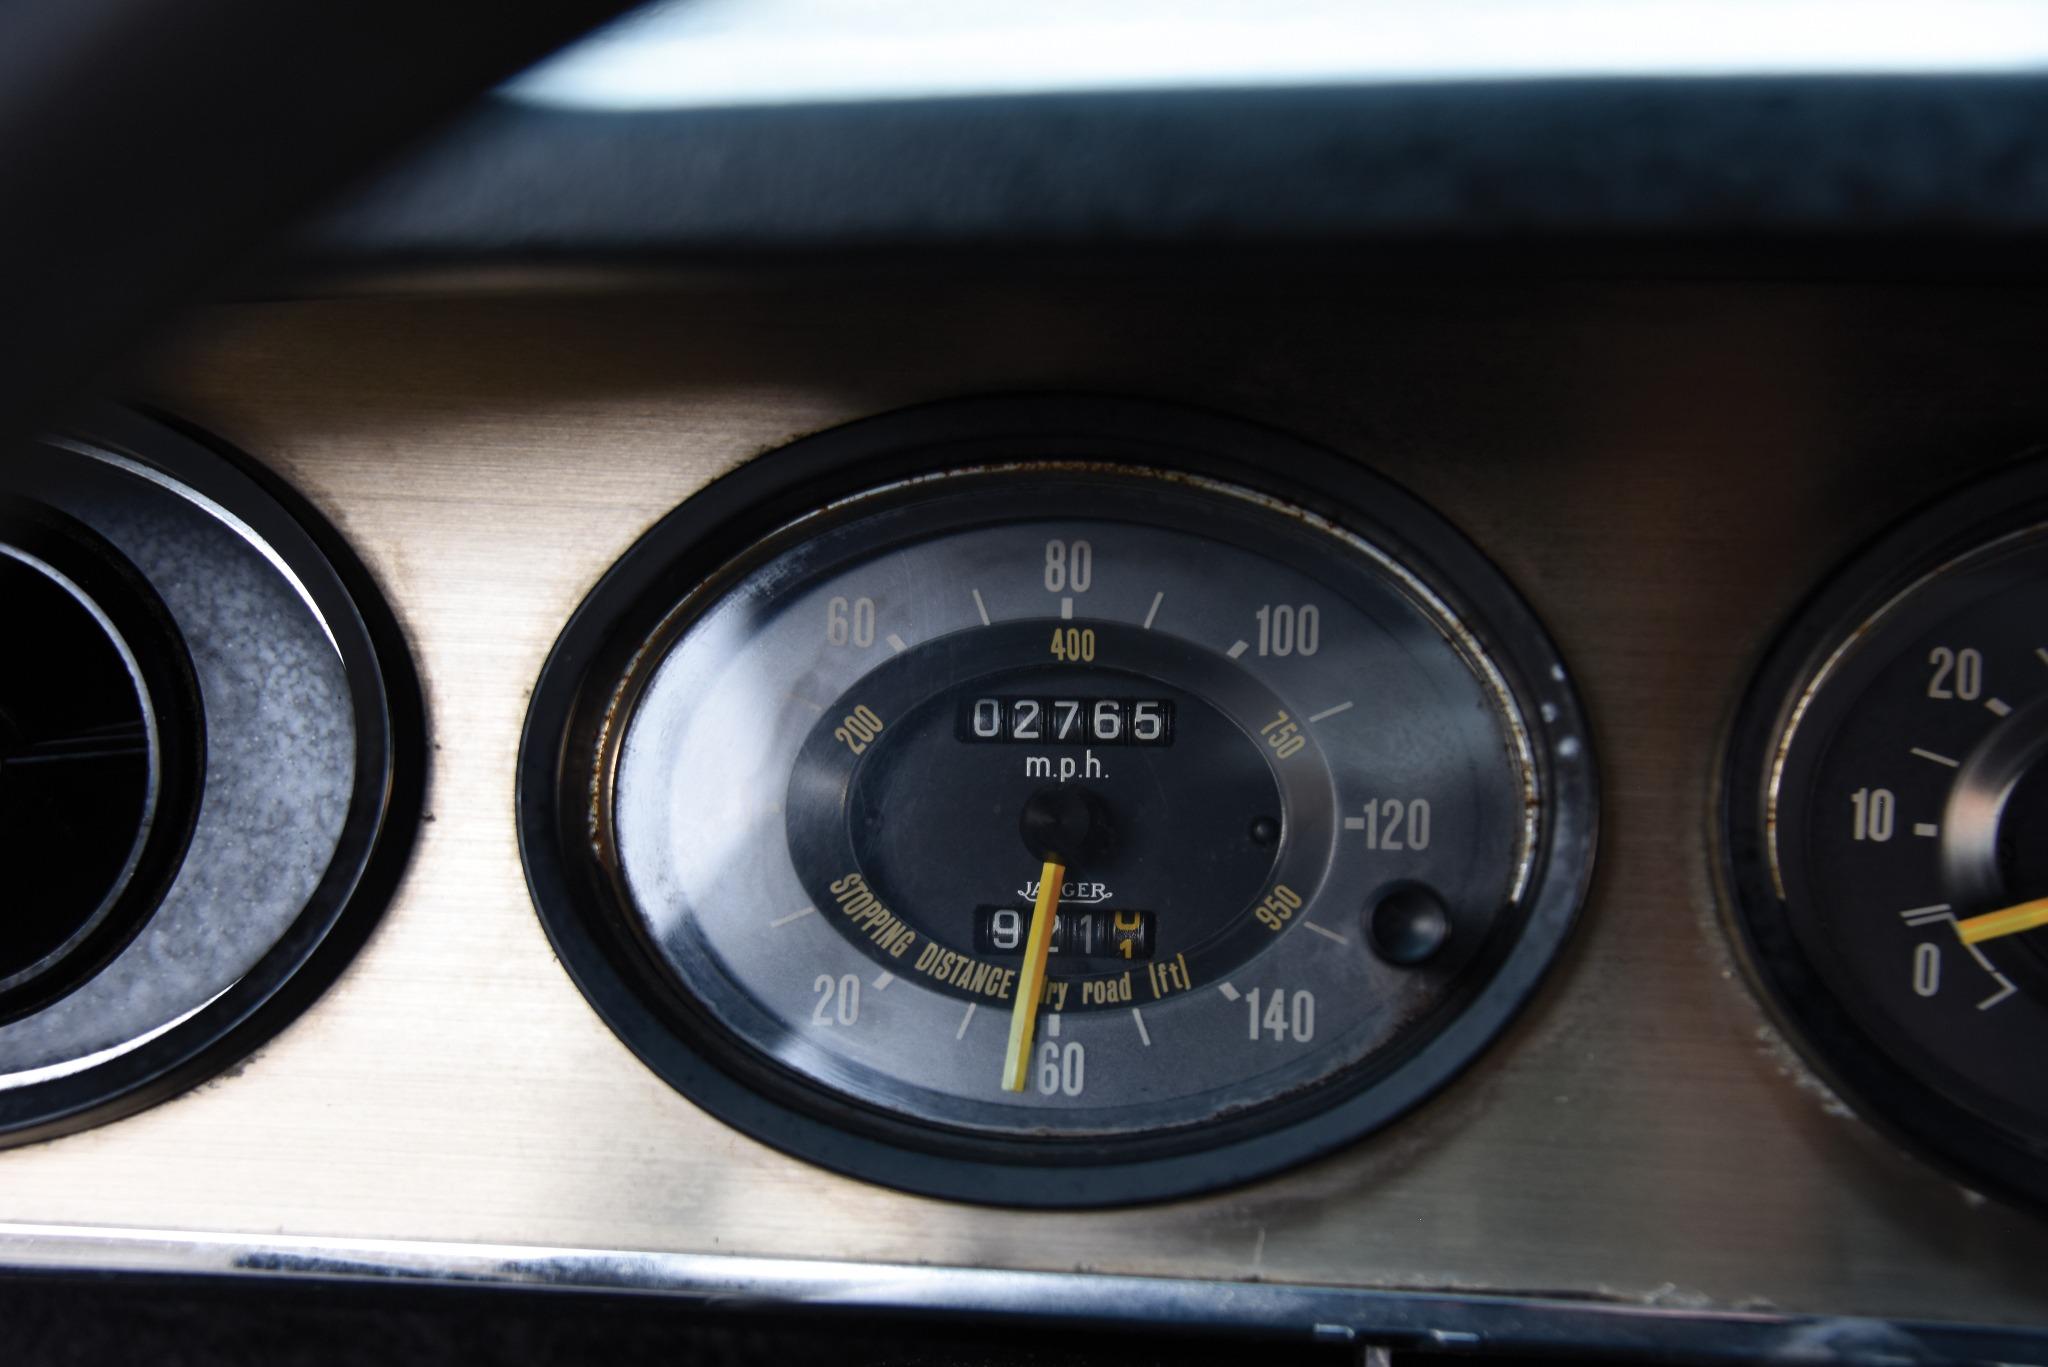 Citroën SM dashboard speedometer